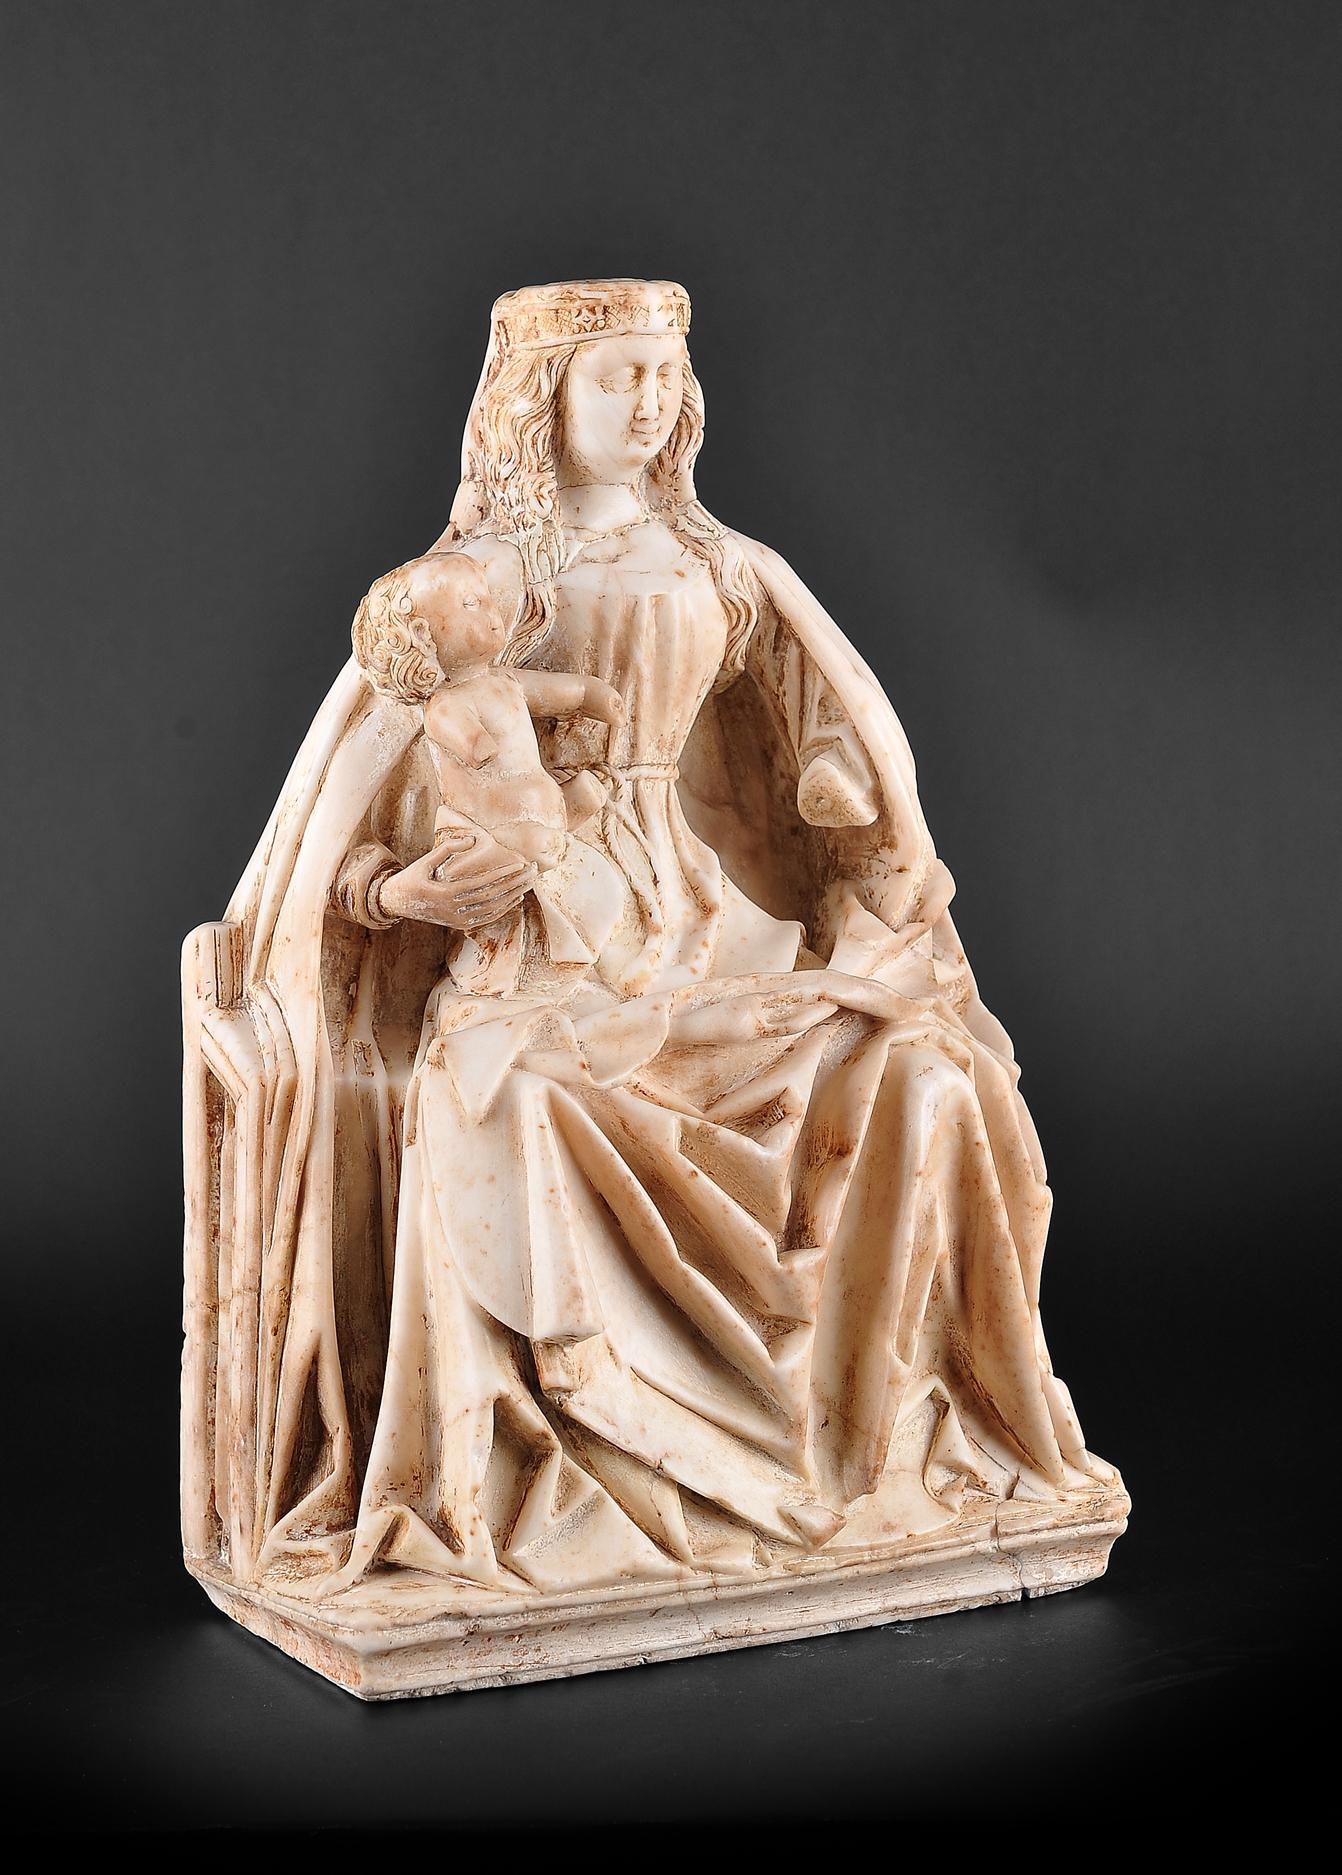 Gil de Siloe, Antwerpen 1440 – 1501 Burgos (und Werkstatt), Sitzende Madonna, um 1485/90 - Image 7 of 25